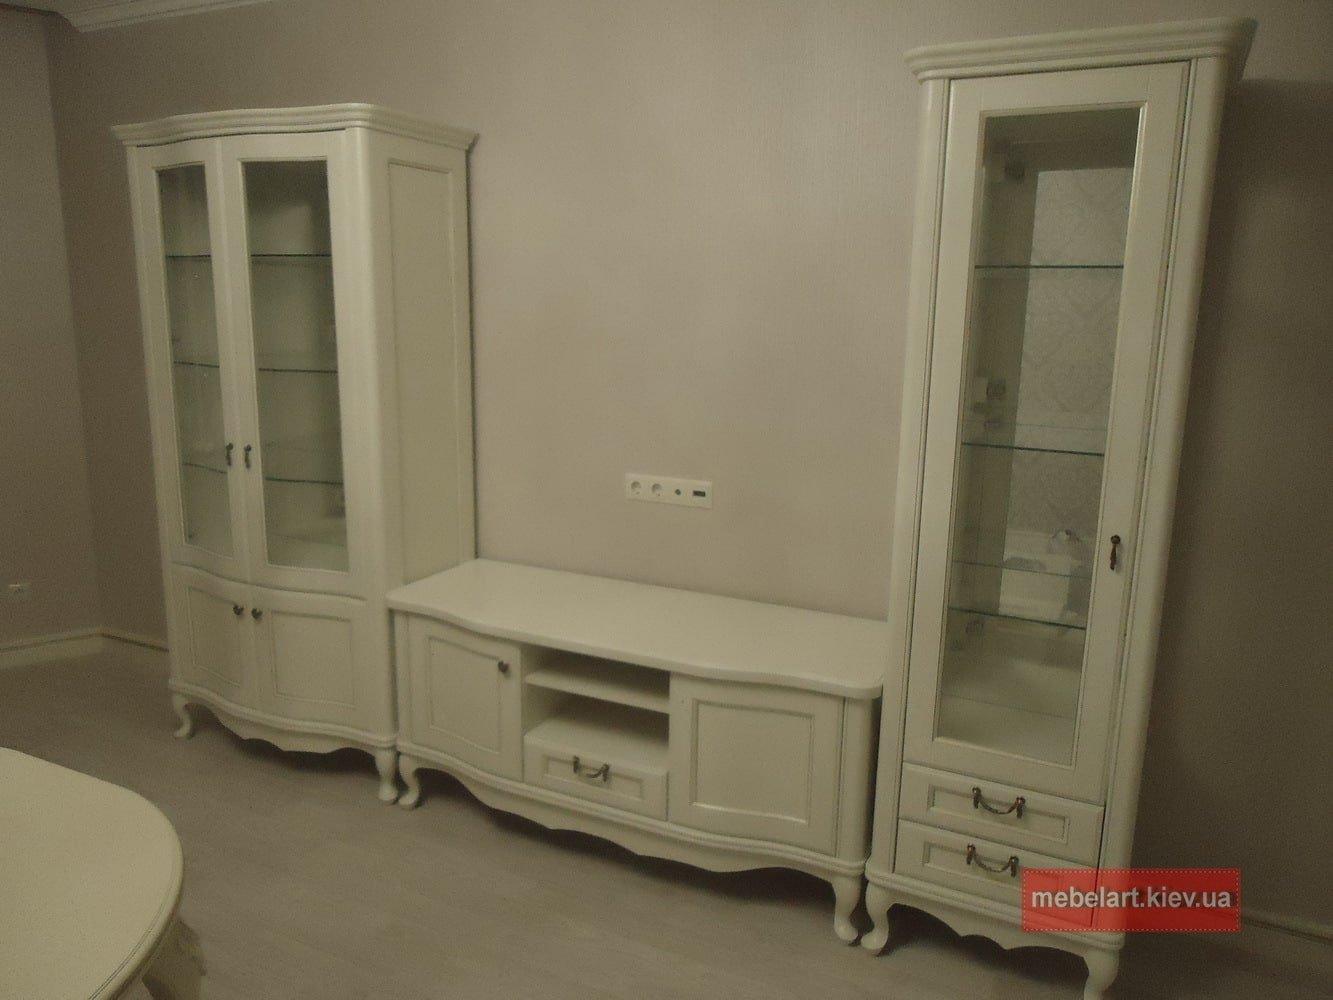 деревянная мебель премиум класса на заказ